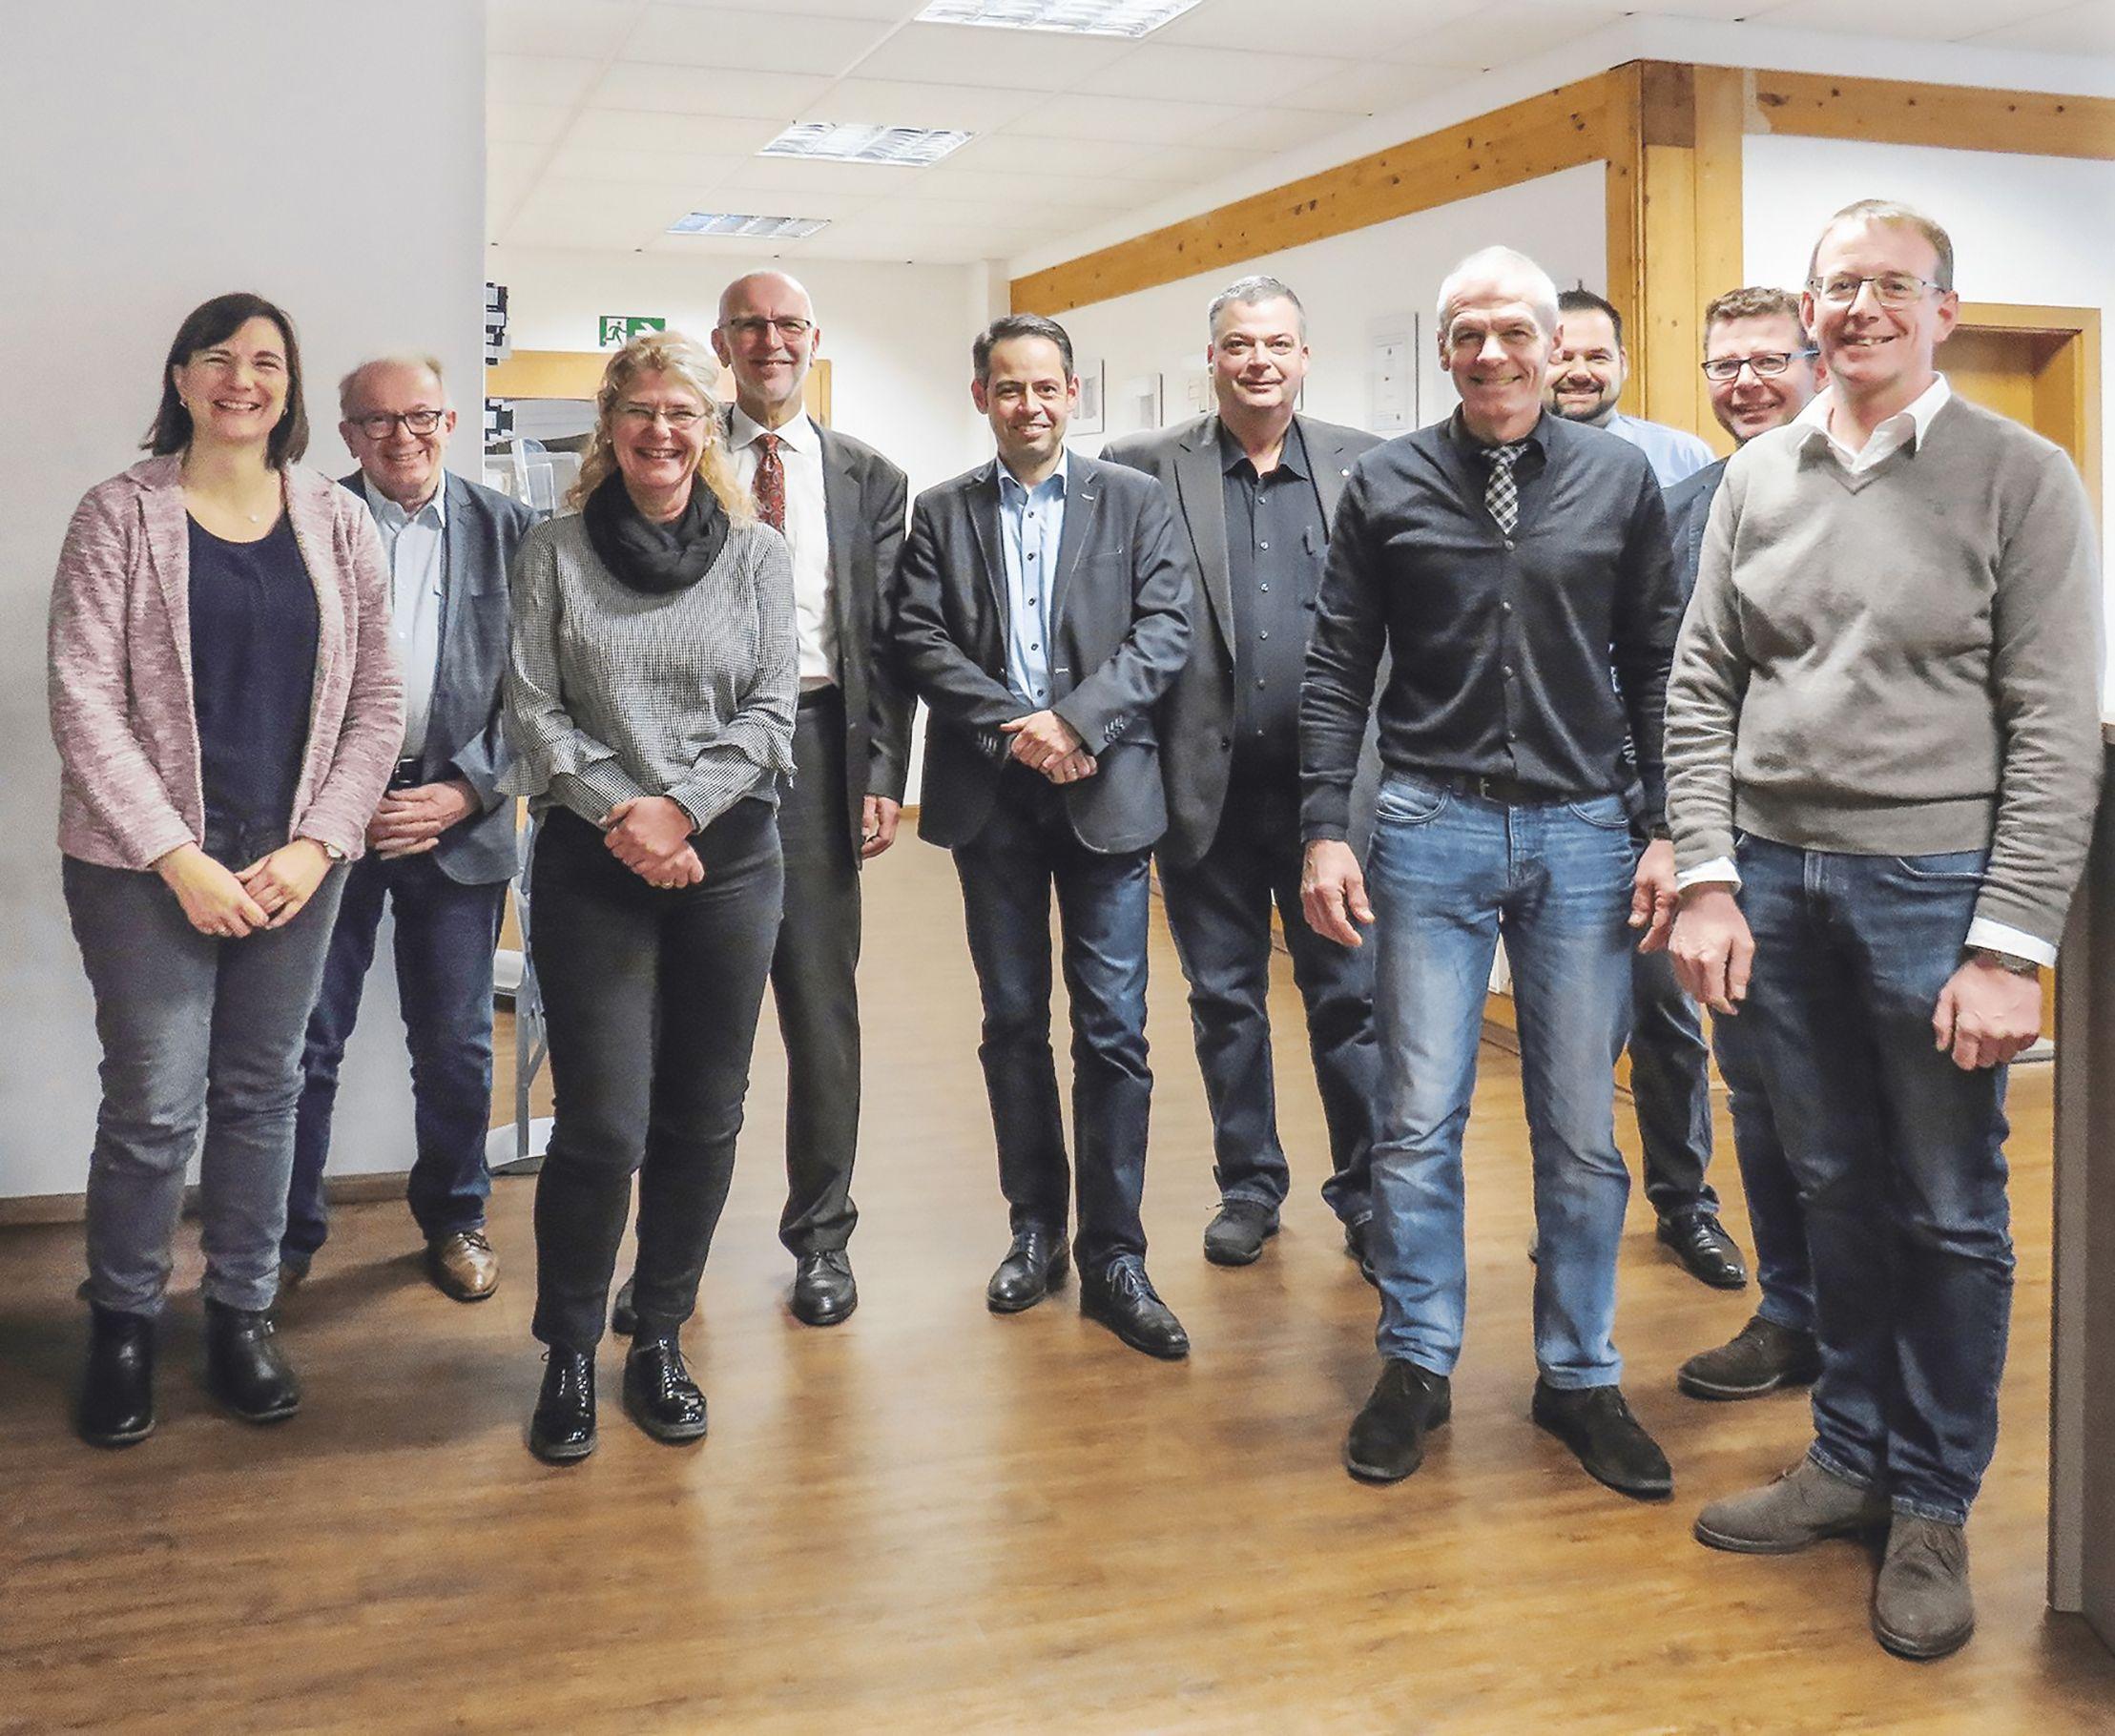 Gruppenbild im Eingangsbereich des Bürotraktes von robecco zum Abschluss des Besuches von Wirtschaftsministerium und Wirtschaftsförderung bei robecco in Horhausen